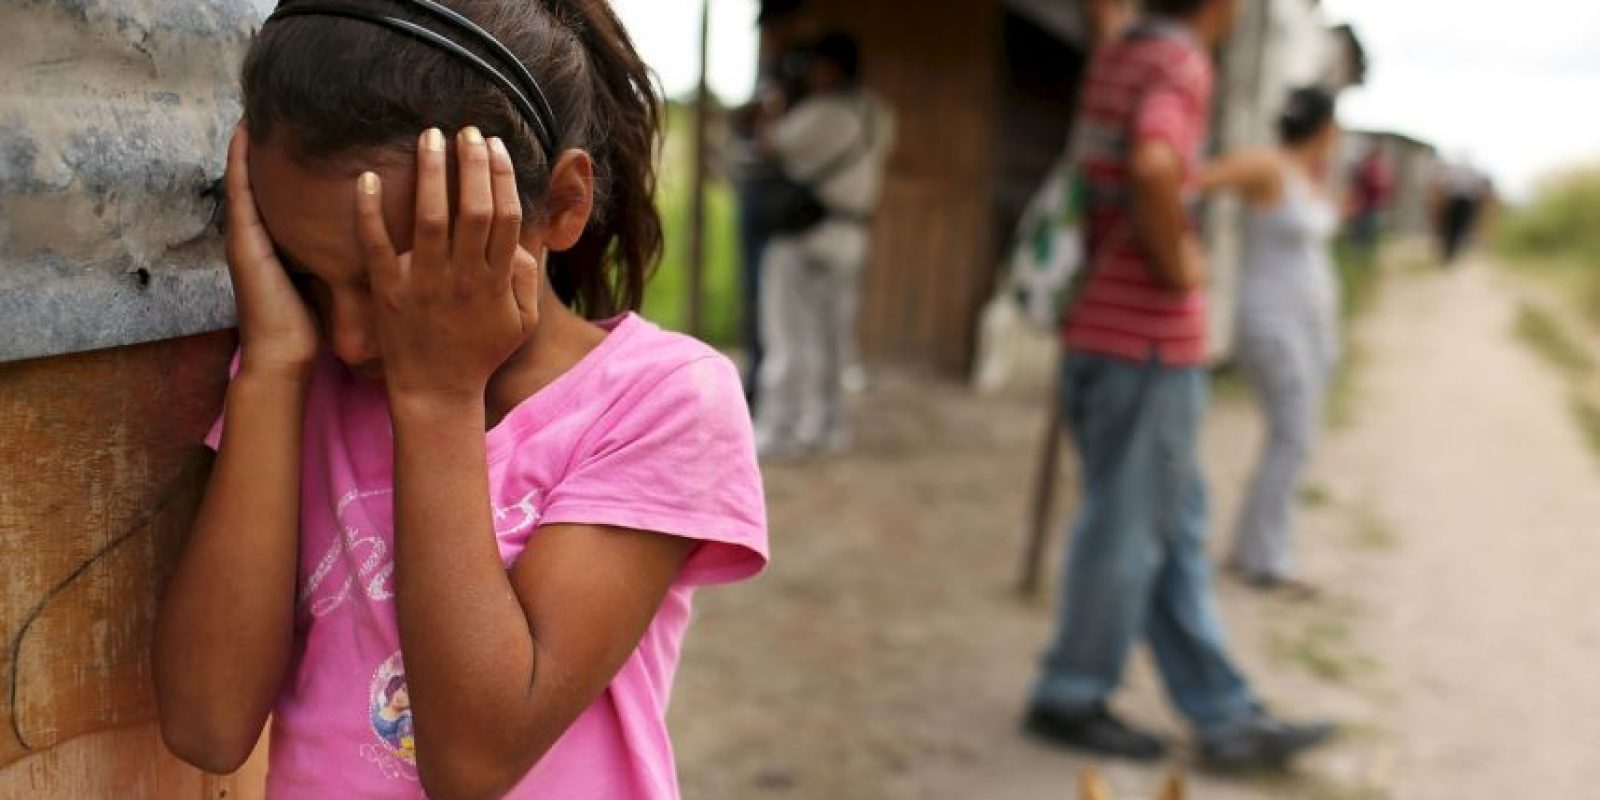 Algunas de las víctimas estuvieron expuesta a la violencia y las desigualdades de género en la infancia. Foto:Getty Images